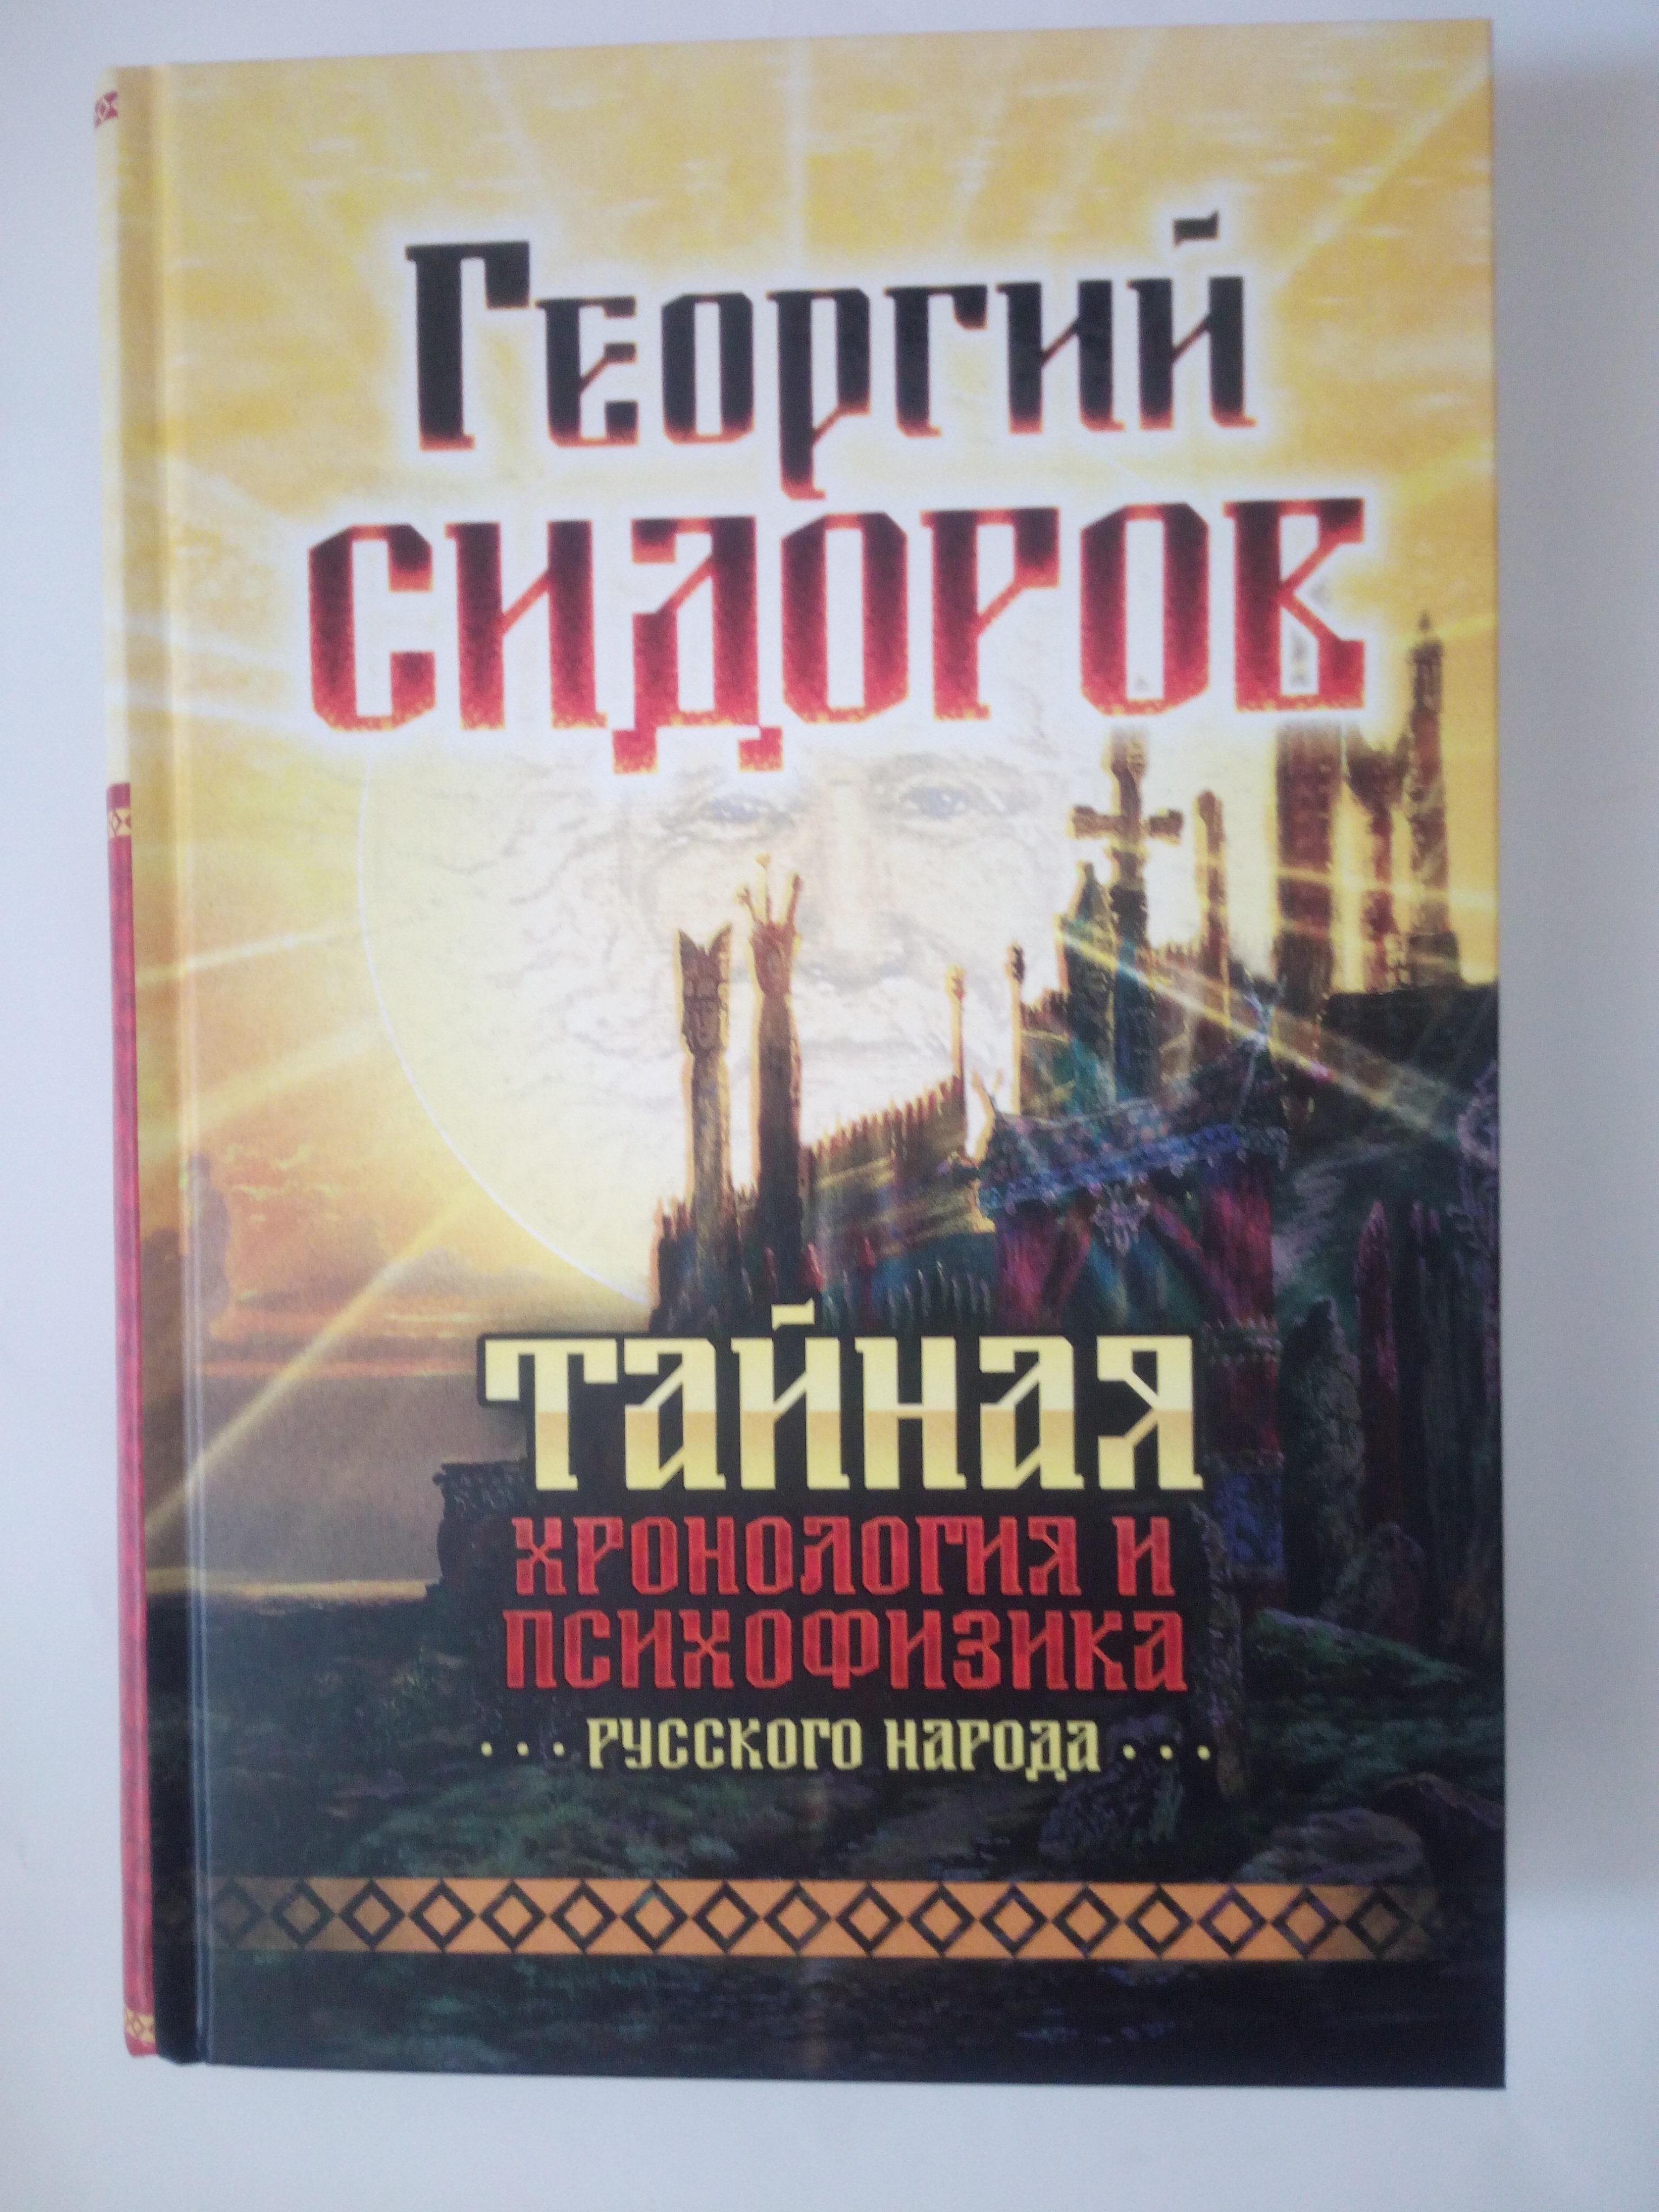 тайная хронология и психофизика